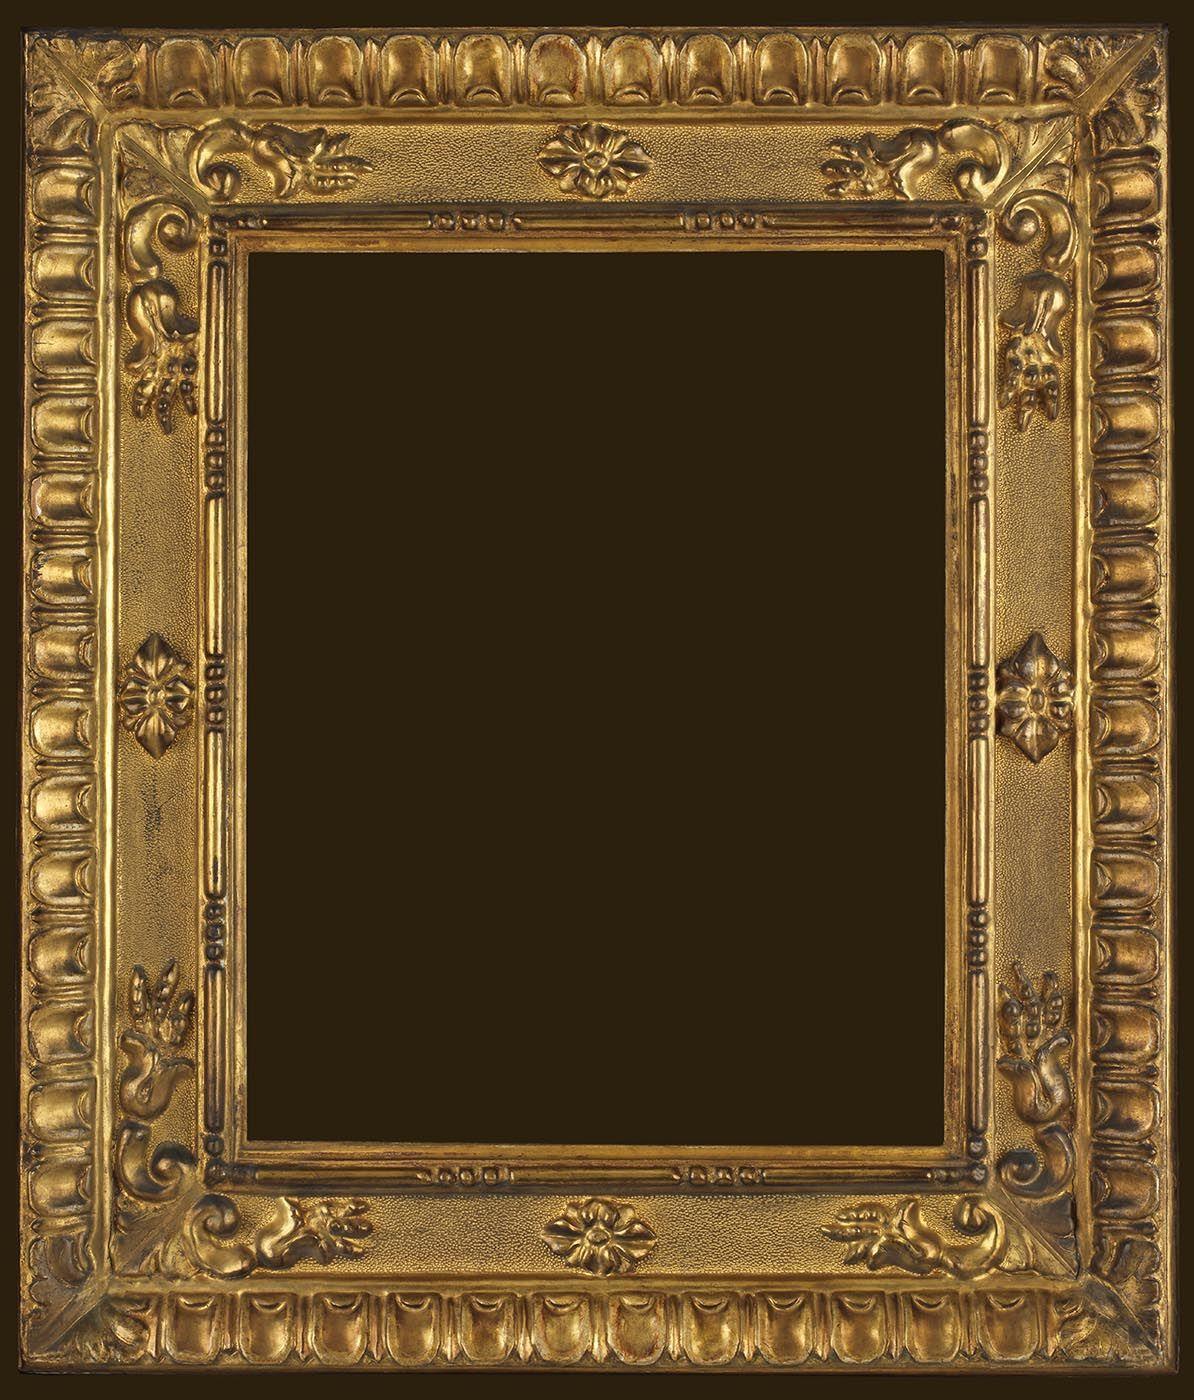 Italian 18th Century - 15 1/4 x 12 3/8 x 4 1/4 diegosalazar.com ...